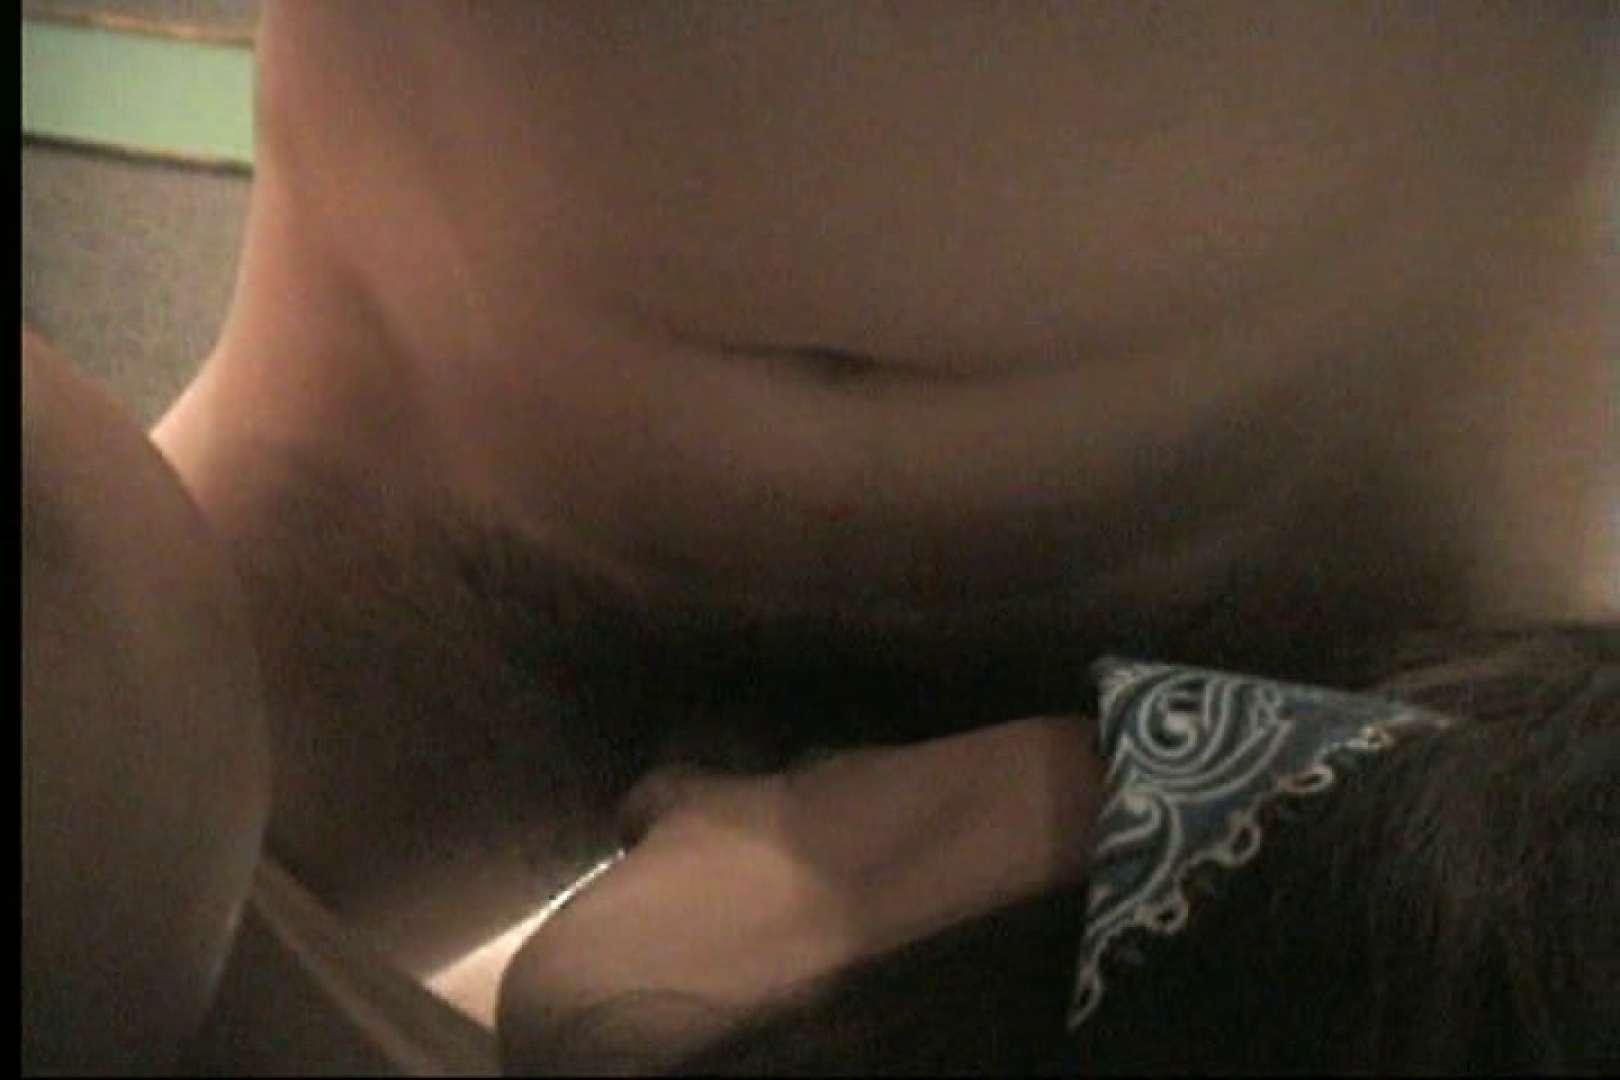 いっくんの調教シリーズ「未亡人みずほ27歳市役所職員」Vol.2 美しいOLの裸体 | セックス  86pic 15